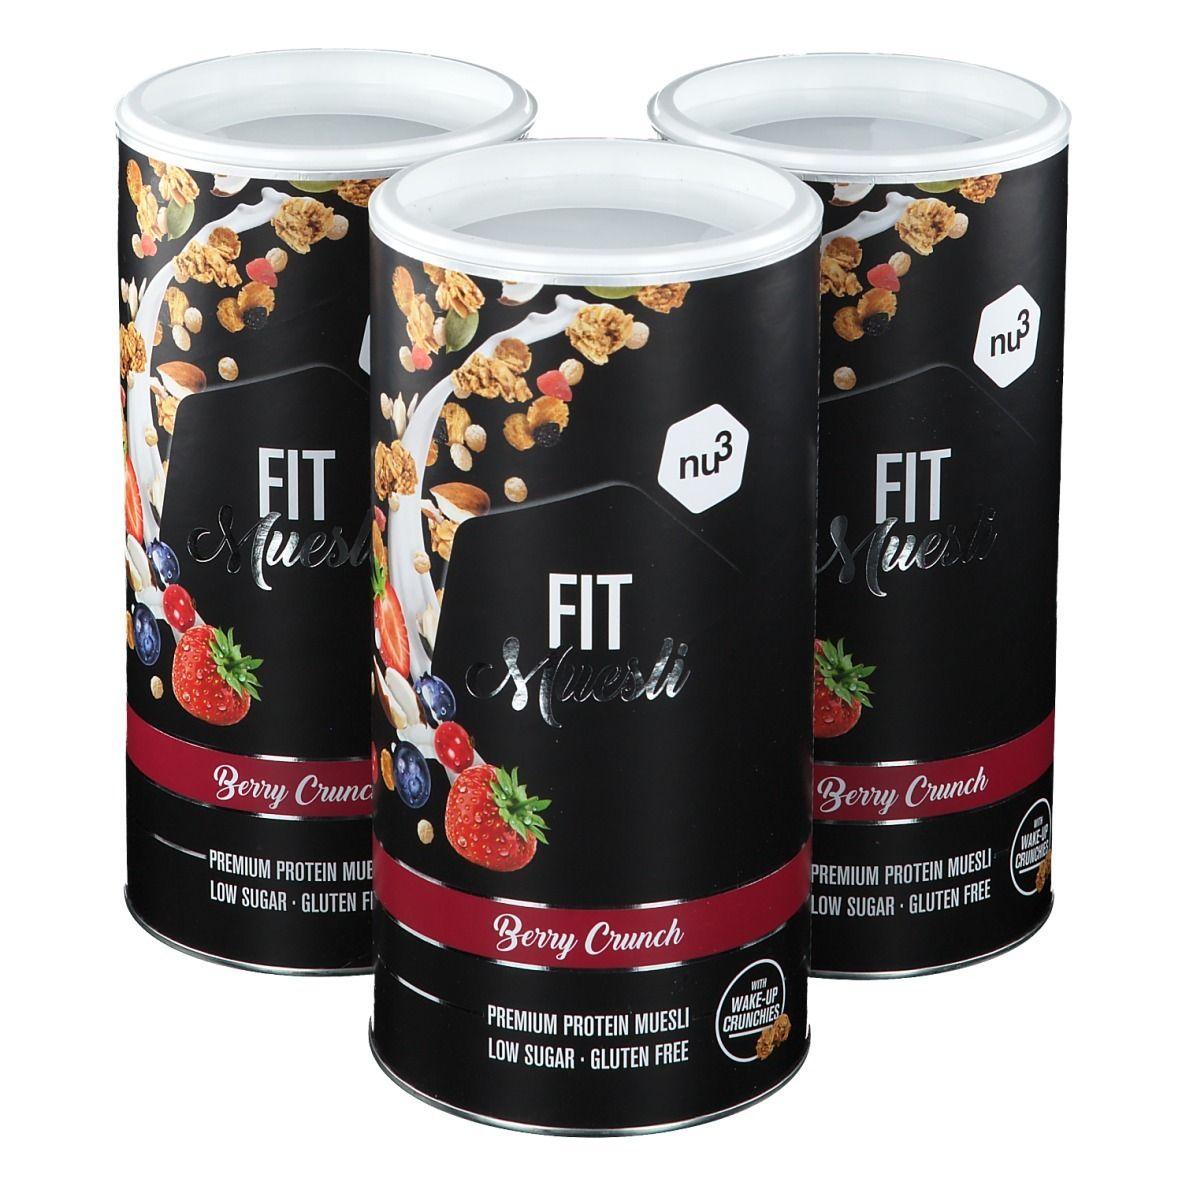 nu3 FIT Protein Muesli, Berry Crunch g céréales